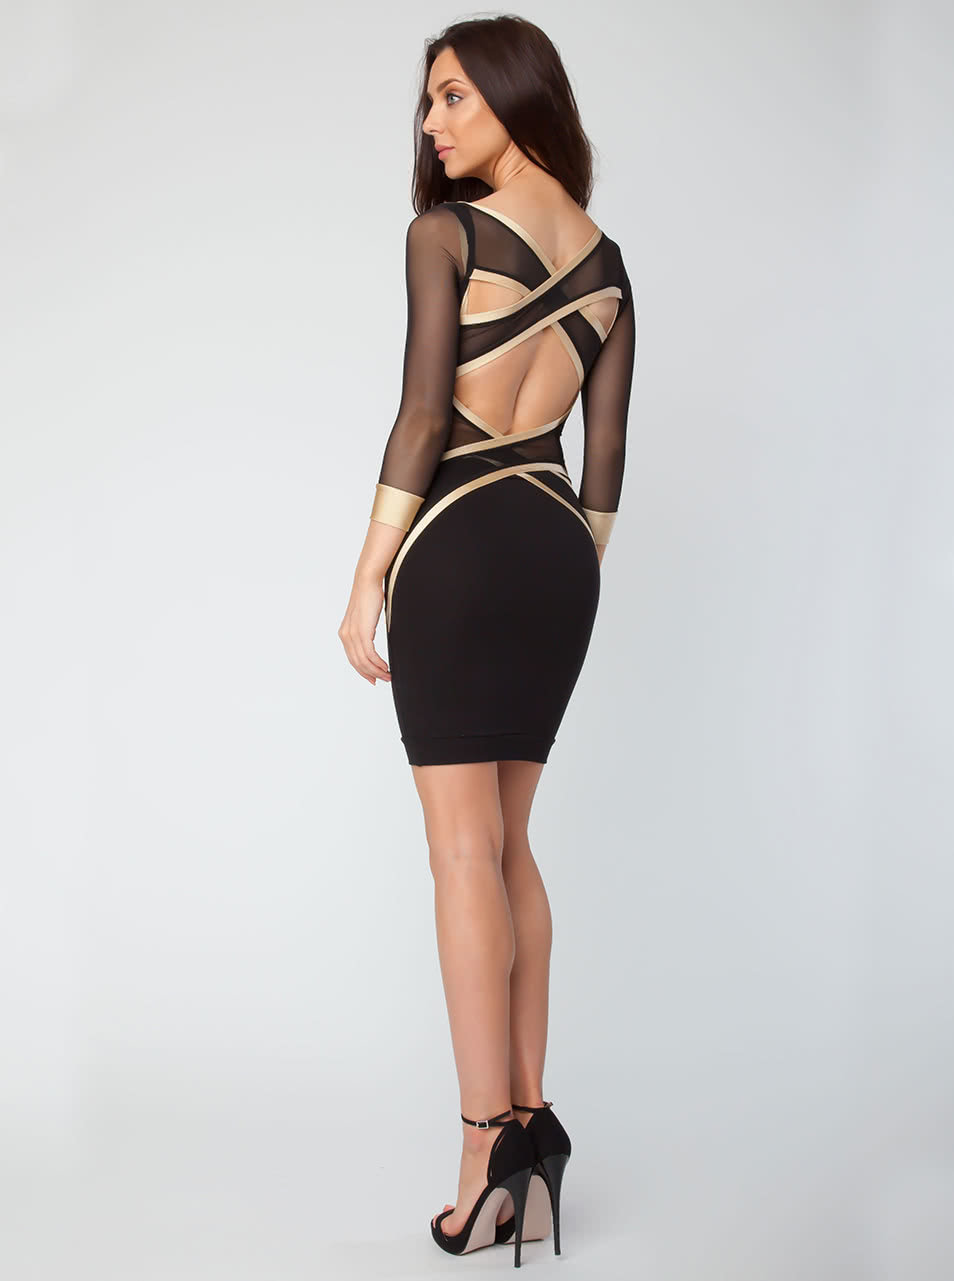 01216dce9b96 Černé elastické šaty s ozdobnými síťovanými pásy přes záda Quontum ...